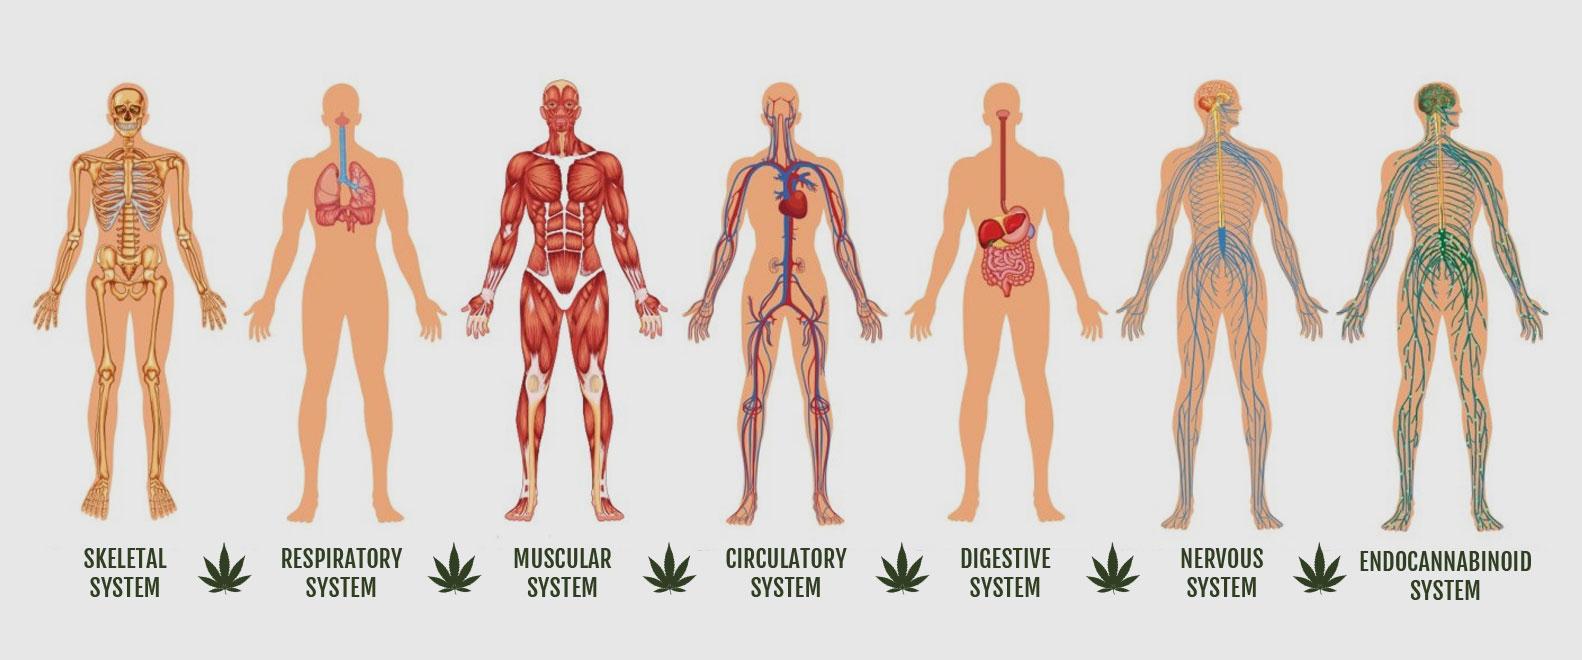 cannabis101-effects-2.jpg